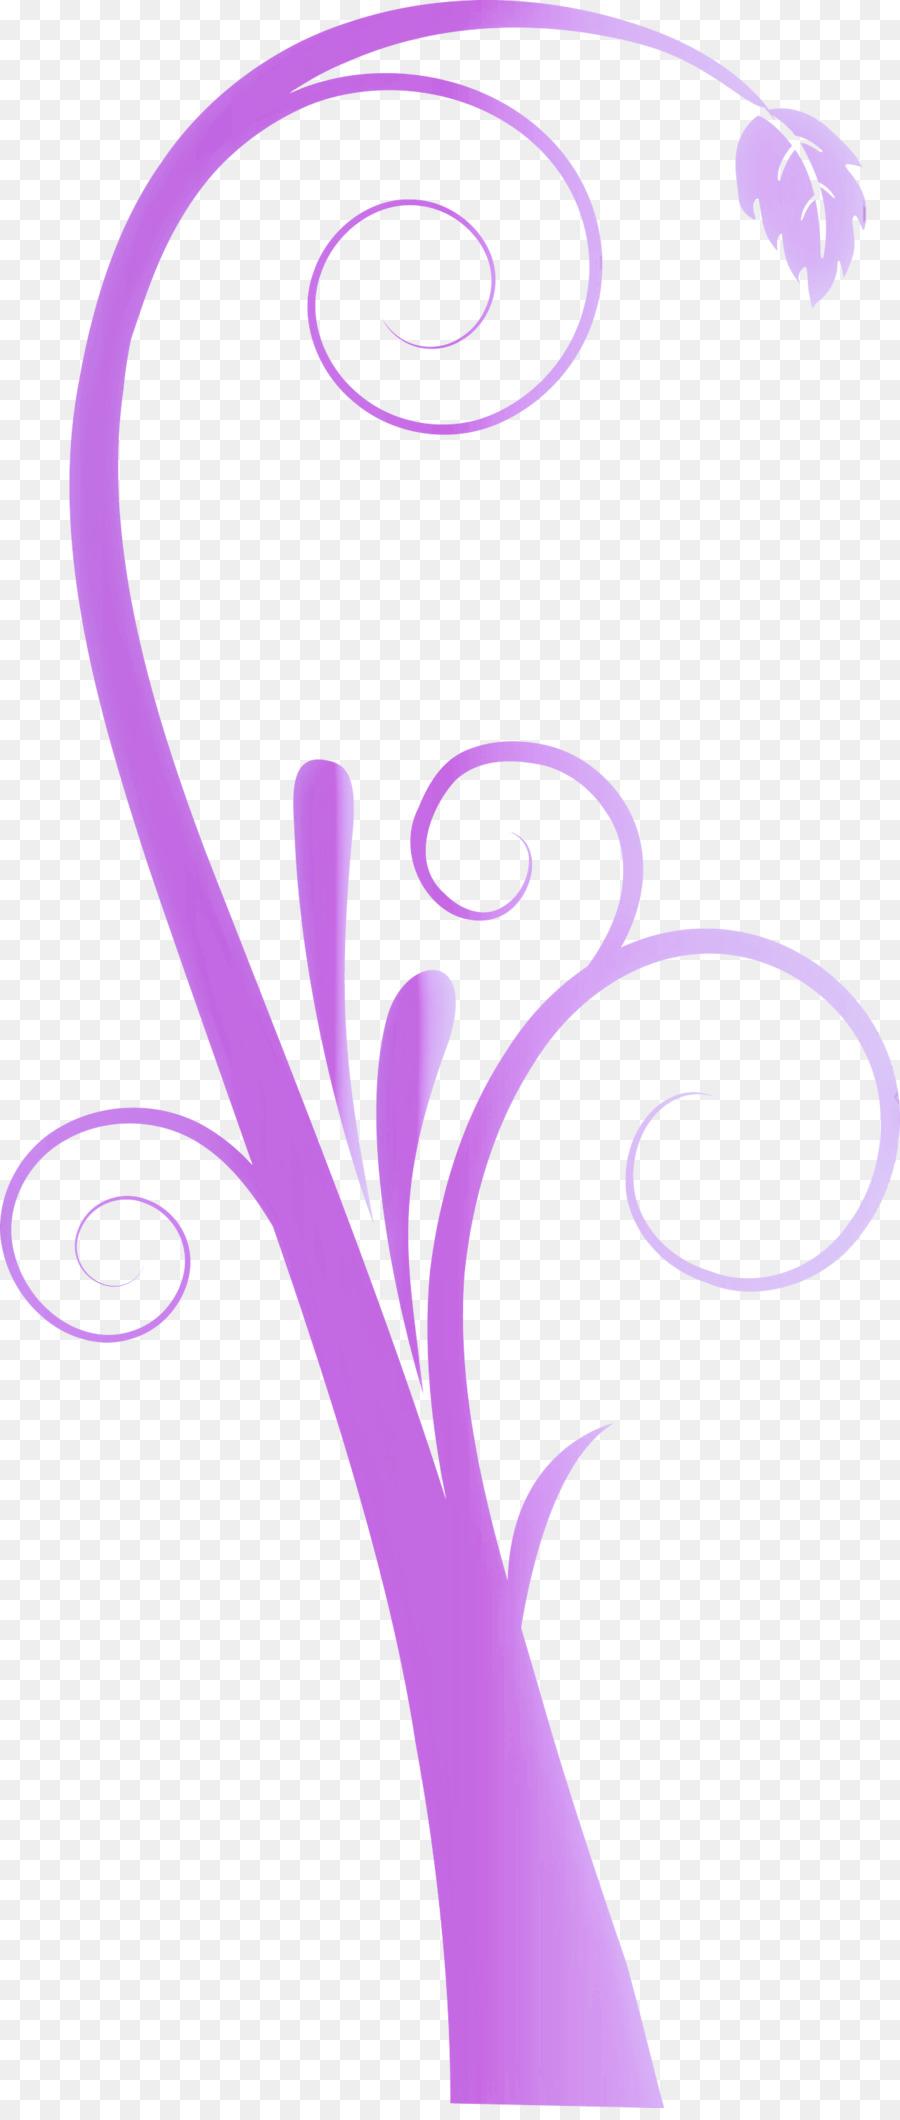 Descarga gratuita de Violeta, Lila, Rosa imágenes PNG